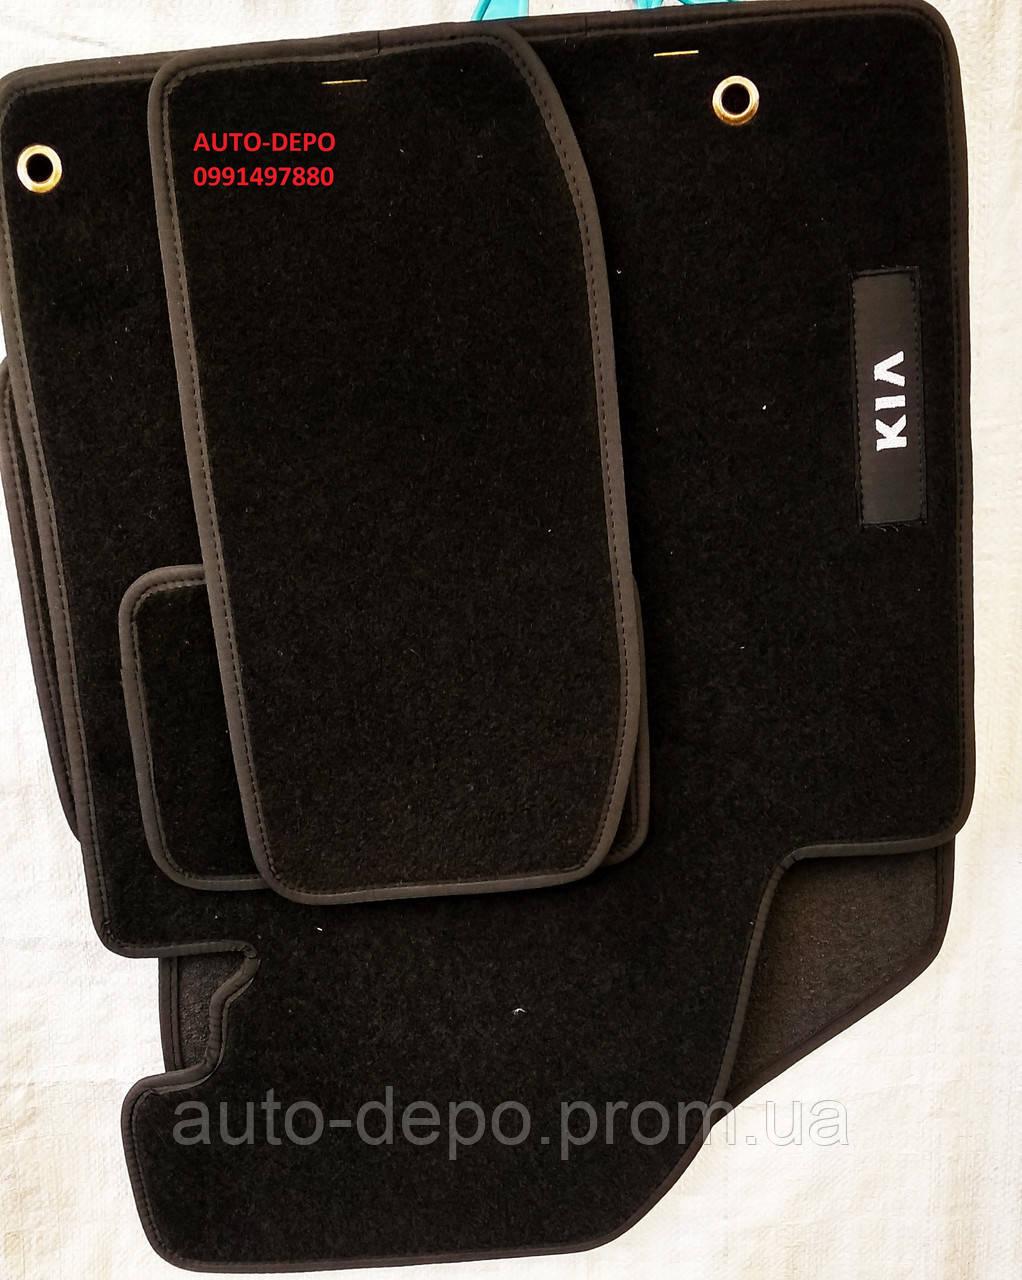 Ворсовые автомобильные коврики Kia Sportage 2015- CIAC GRAN